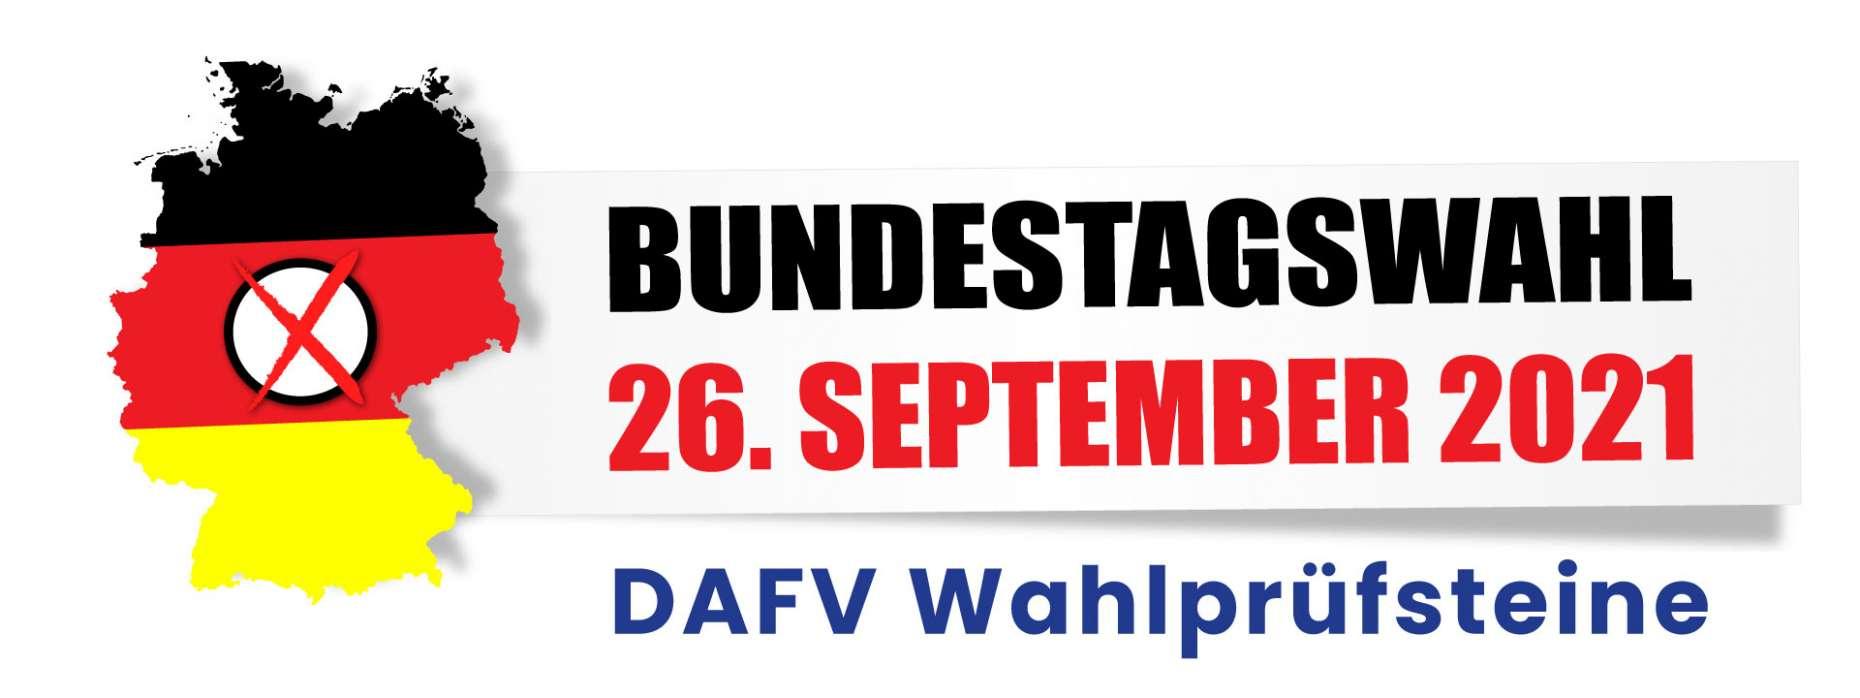 Wahlprüfsteine DAFV